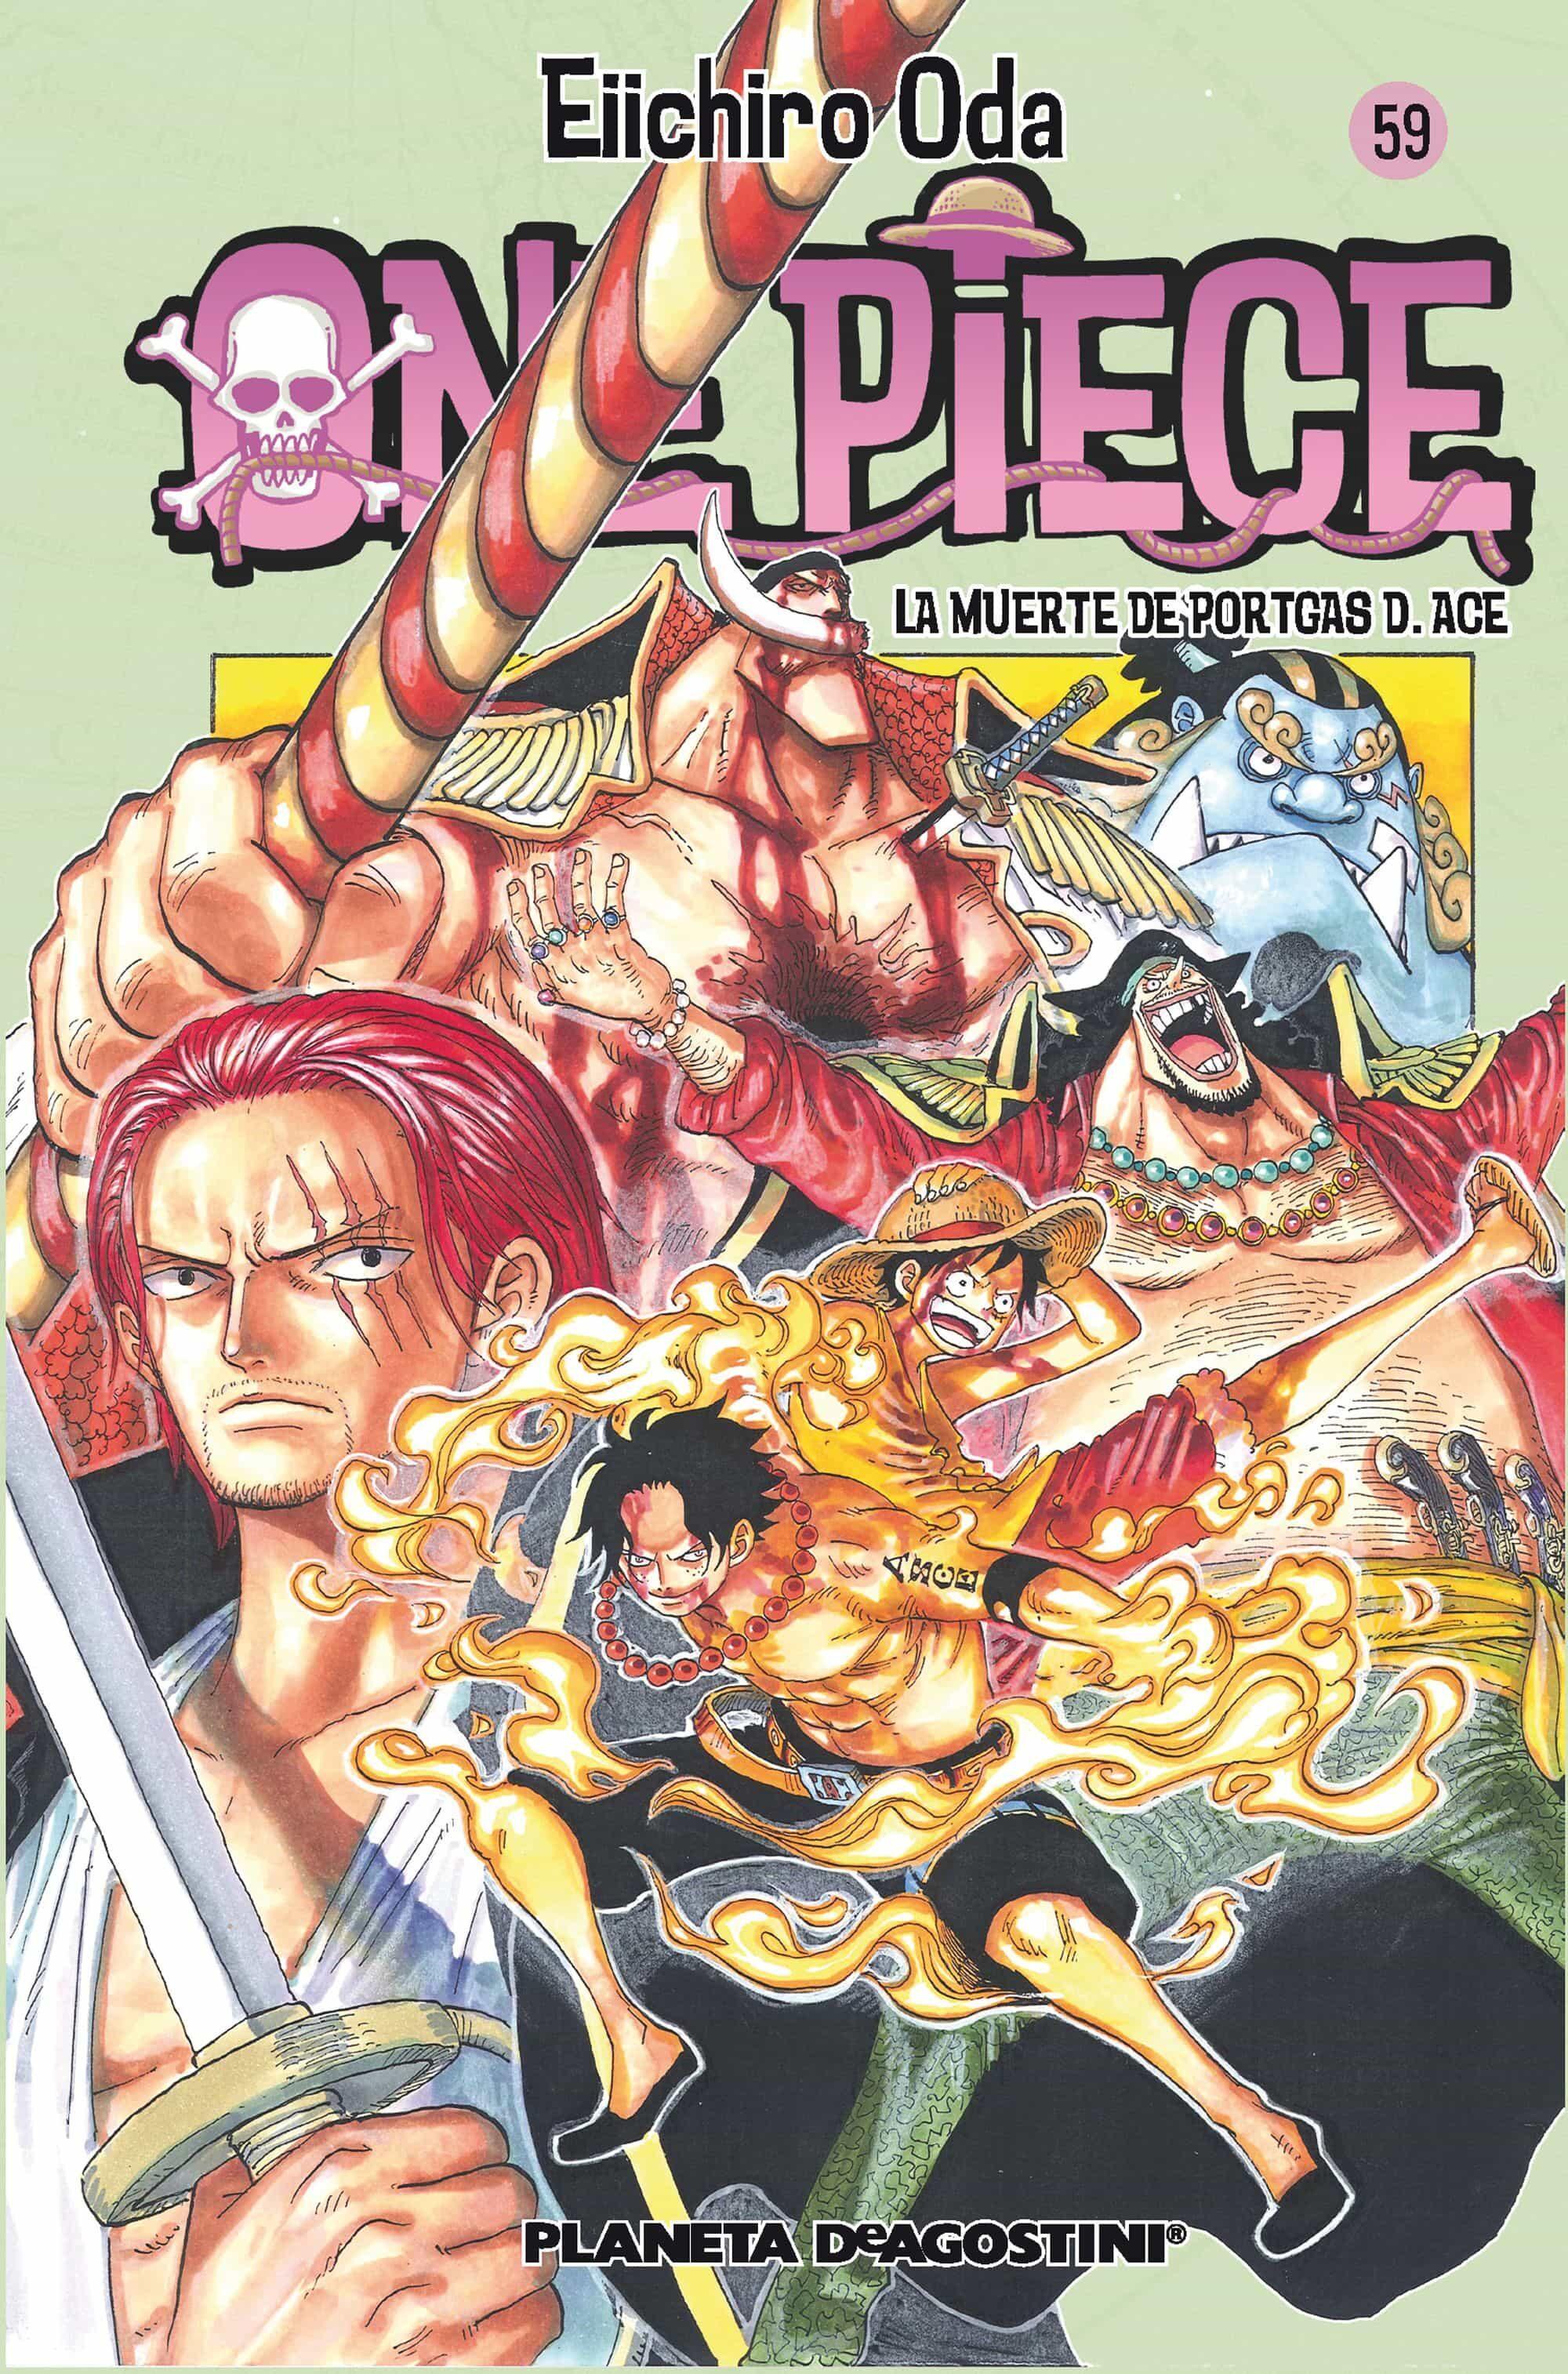 One Piece Nº 59 por Eiichiro Oda